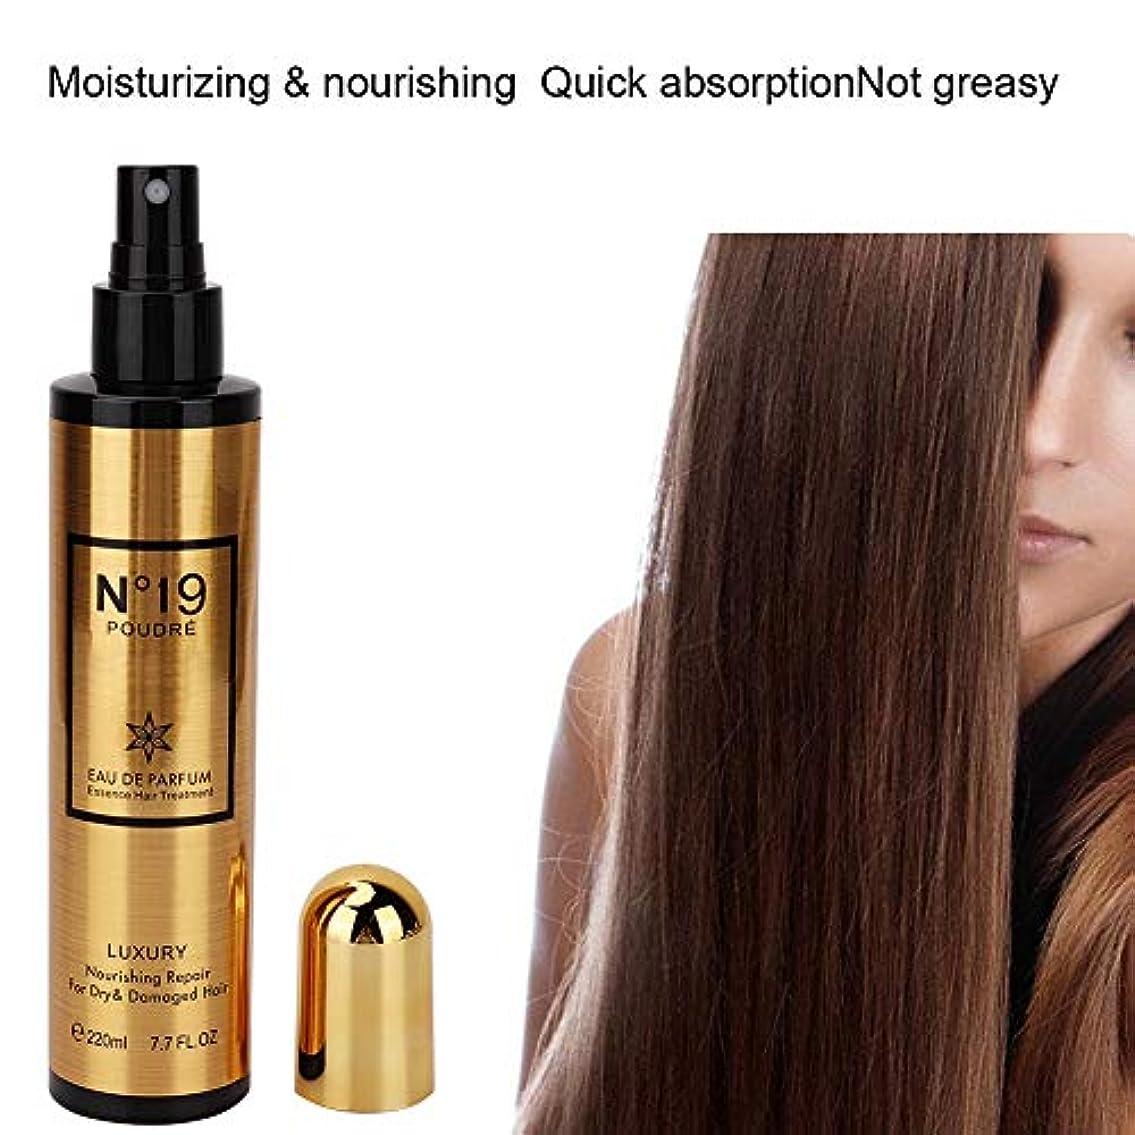 イノセンス全部にヘアコンディショナー、ウォッシュフリーマイルドモイスチャライジングリペア栄養スムースヘアケアスプレードライカーリーストレート染め傷んだ髪220ml